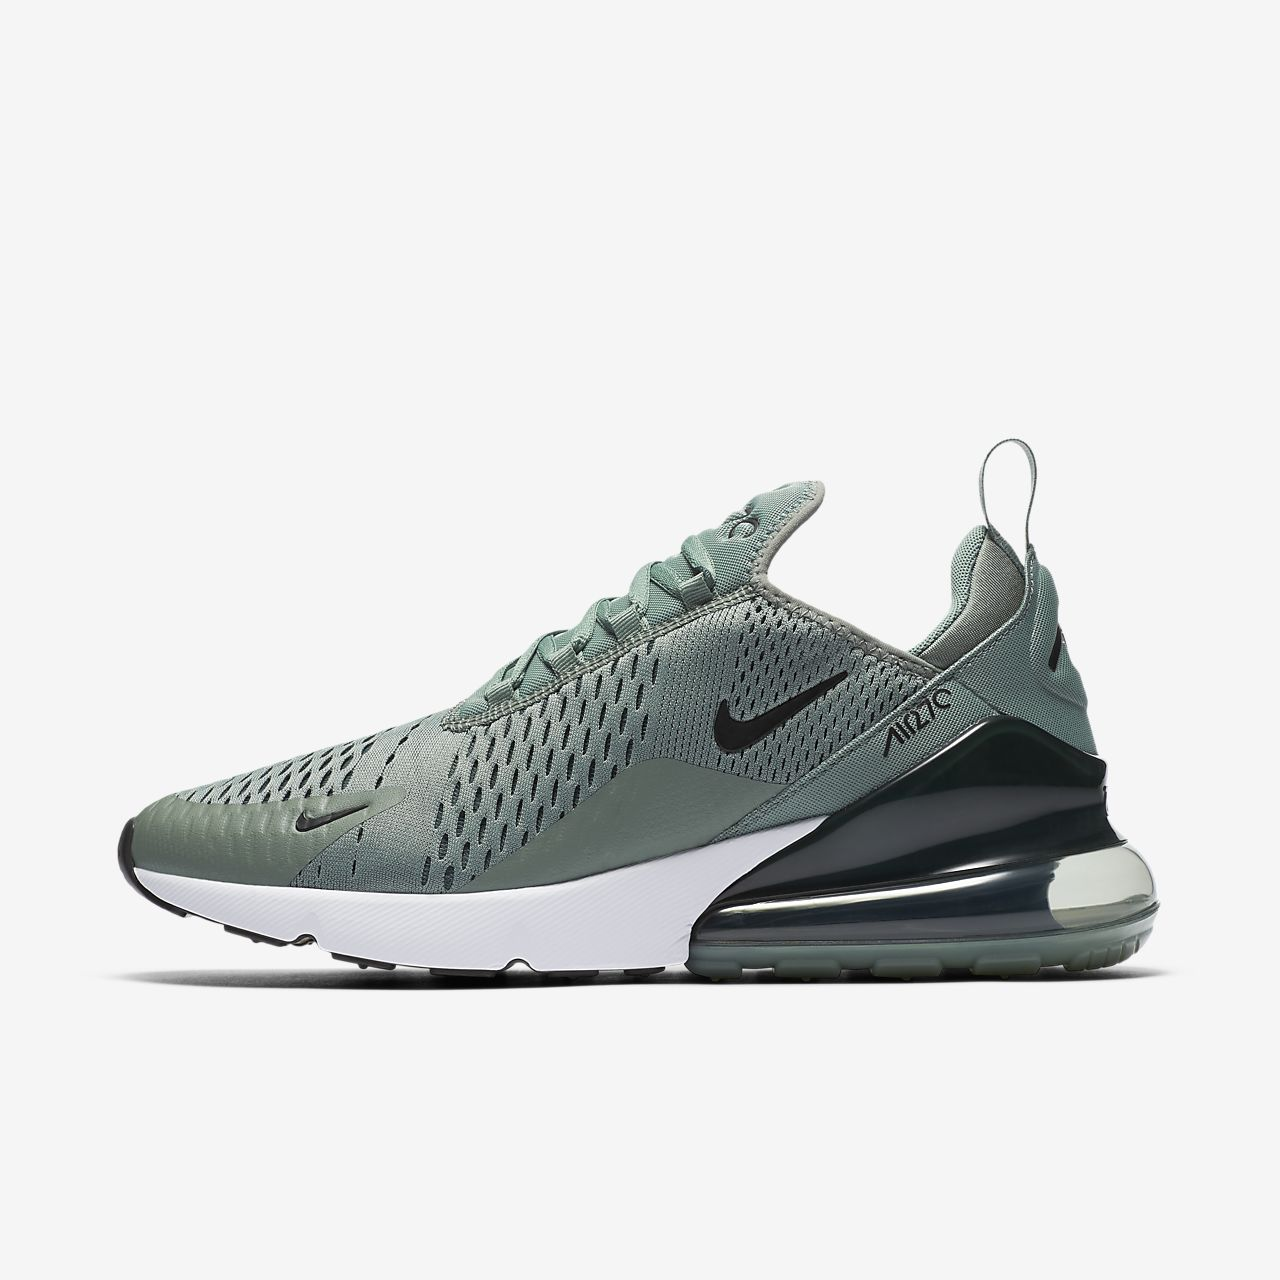 ... Nike Air Max 270 Men's Shoe